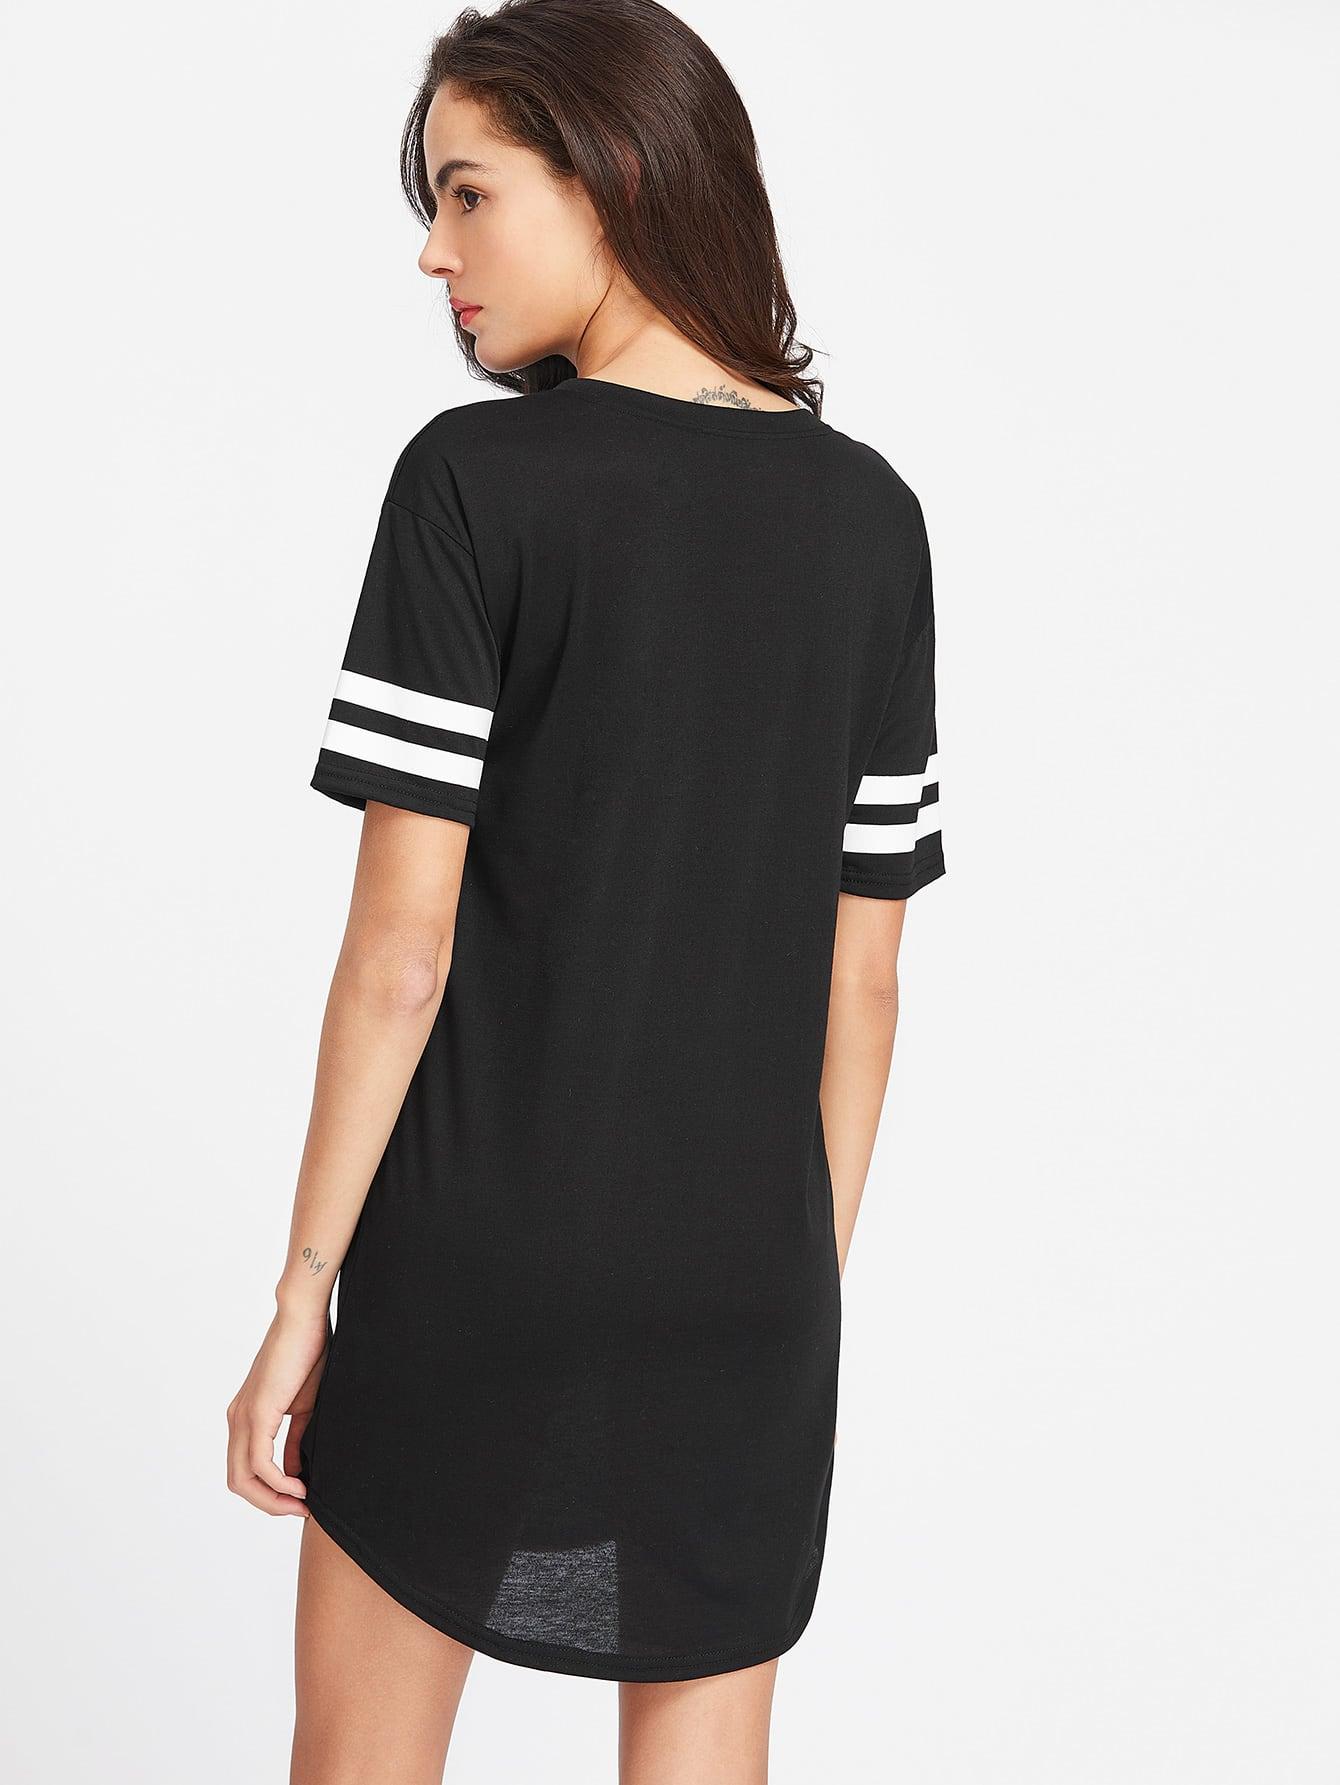 Schwarzes kleid v ausschnitt